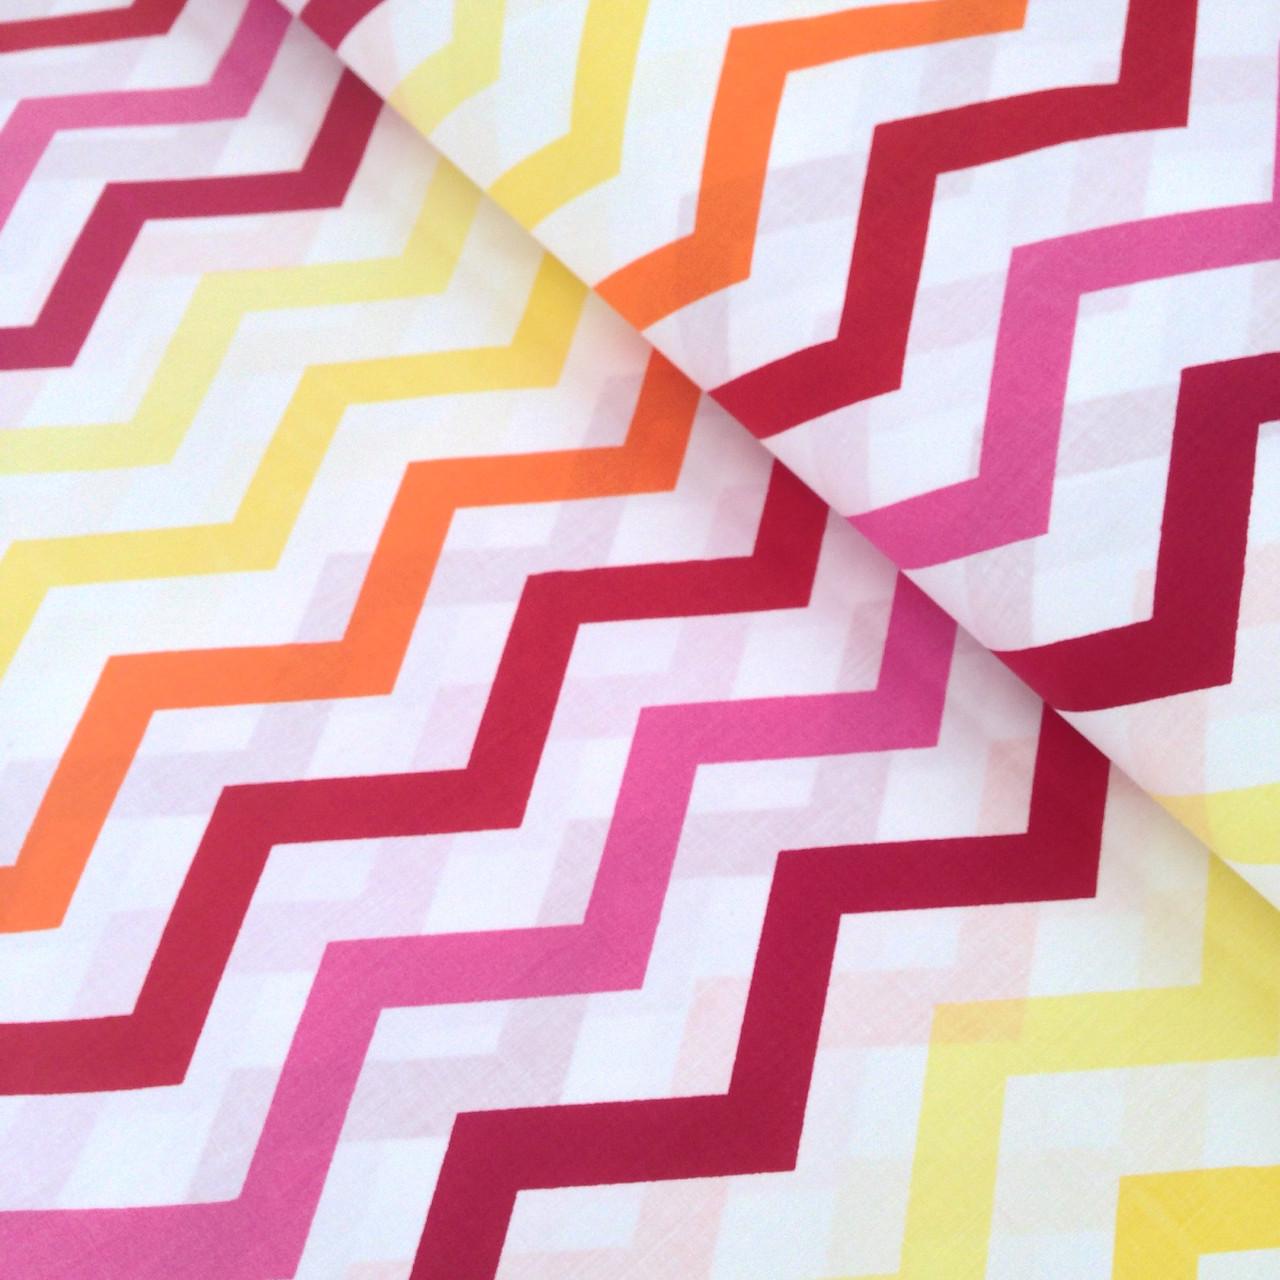 Хлопковая ткань польская зигзаг желто-красный отрез (размер 0,65*1,6 м)